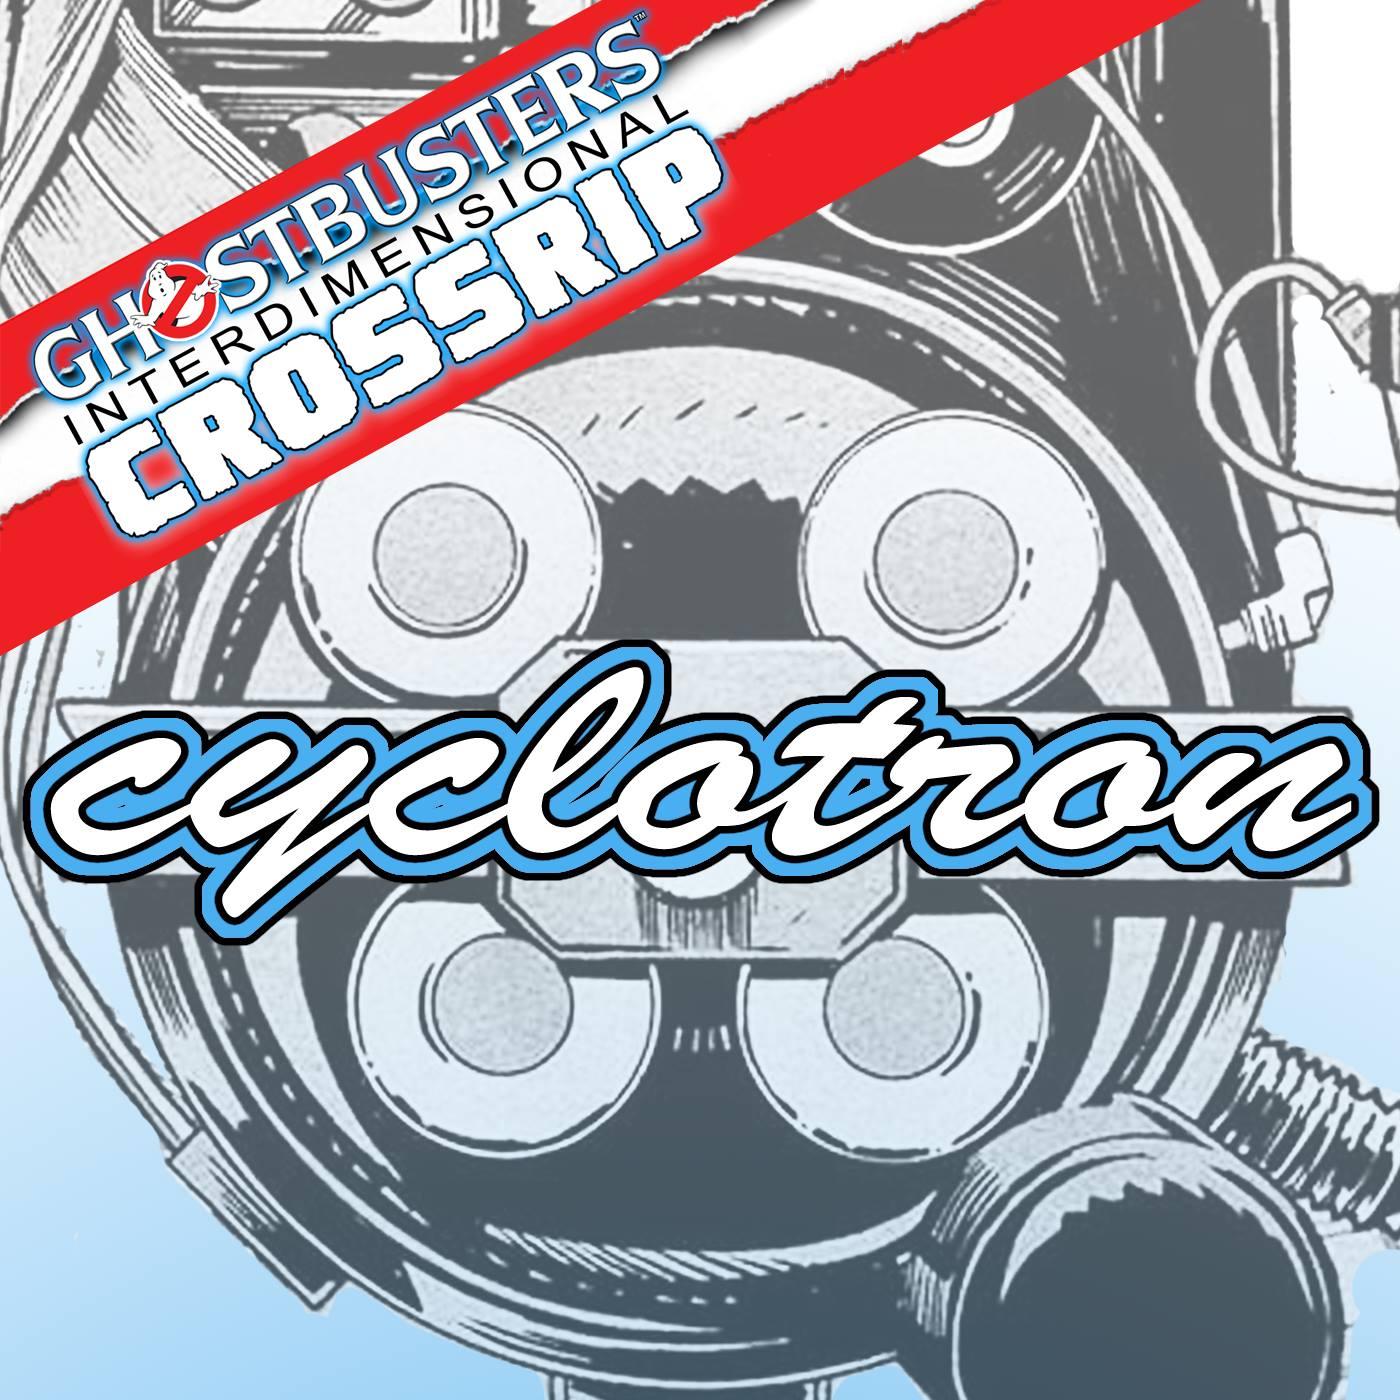 GBHQ_Cyclotron_Cover.jpg